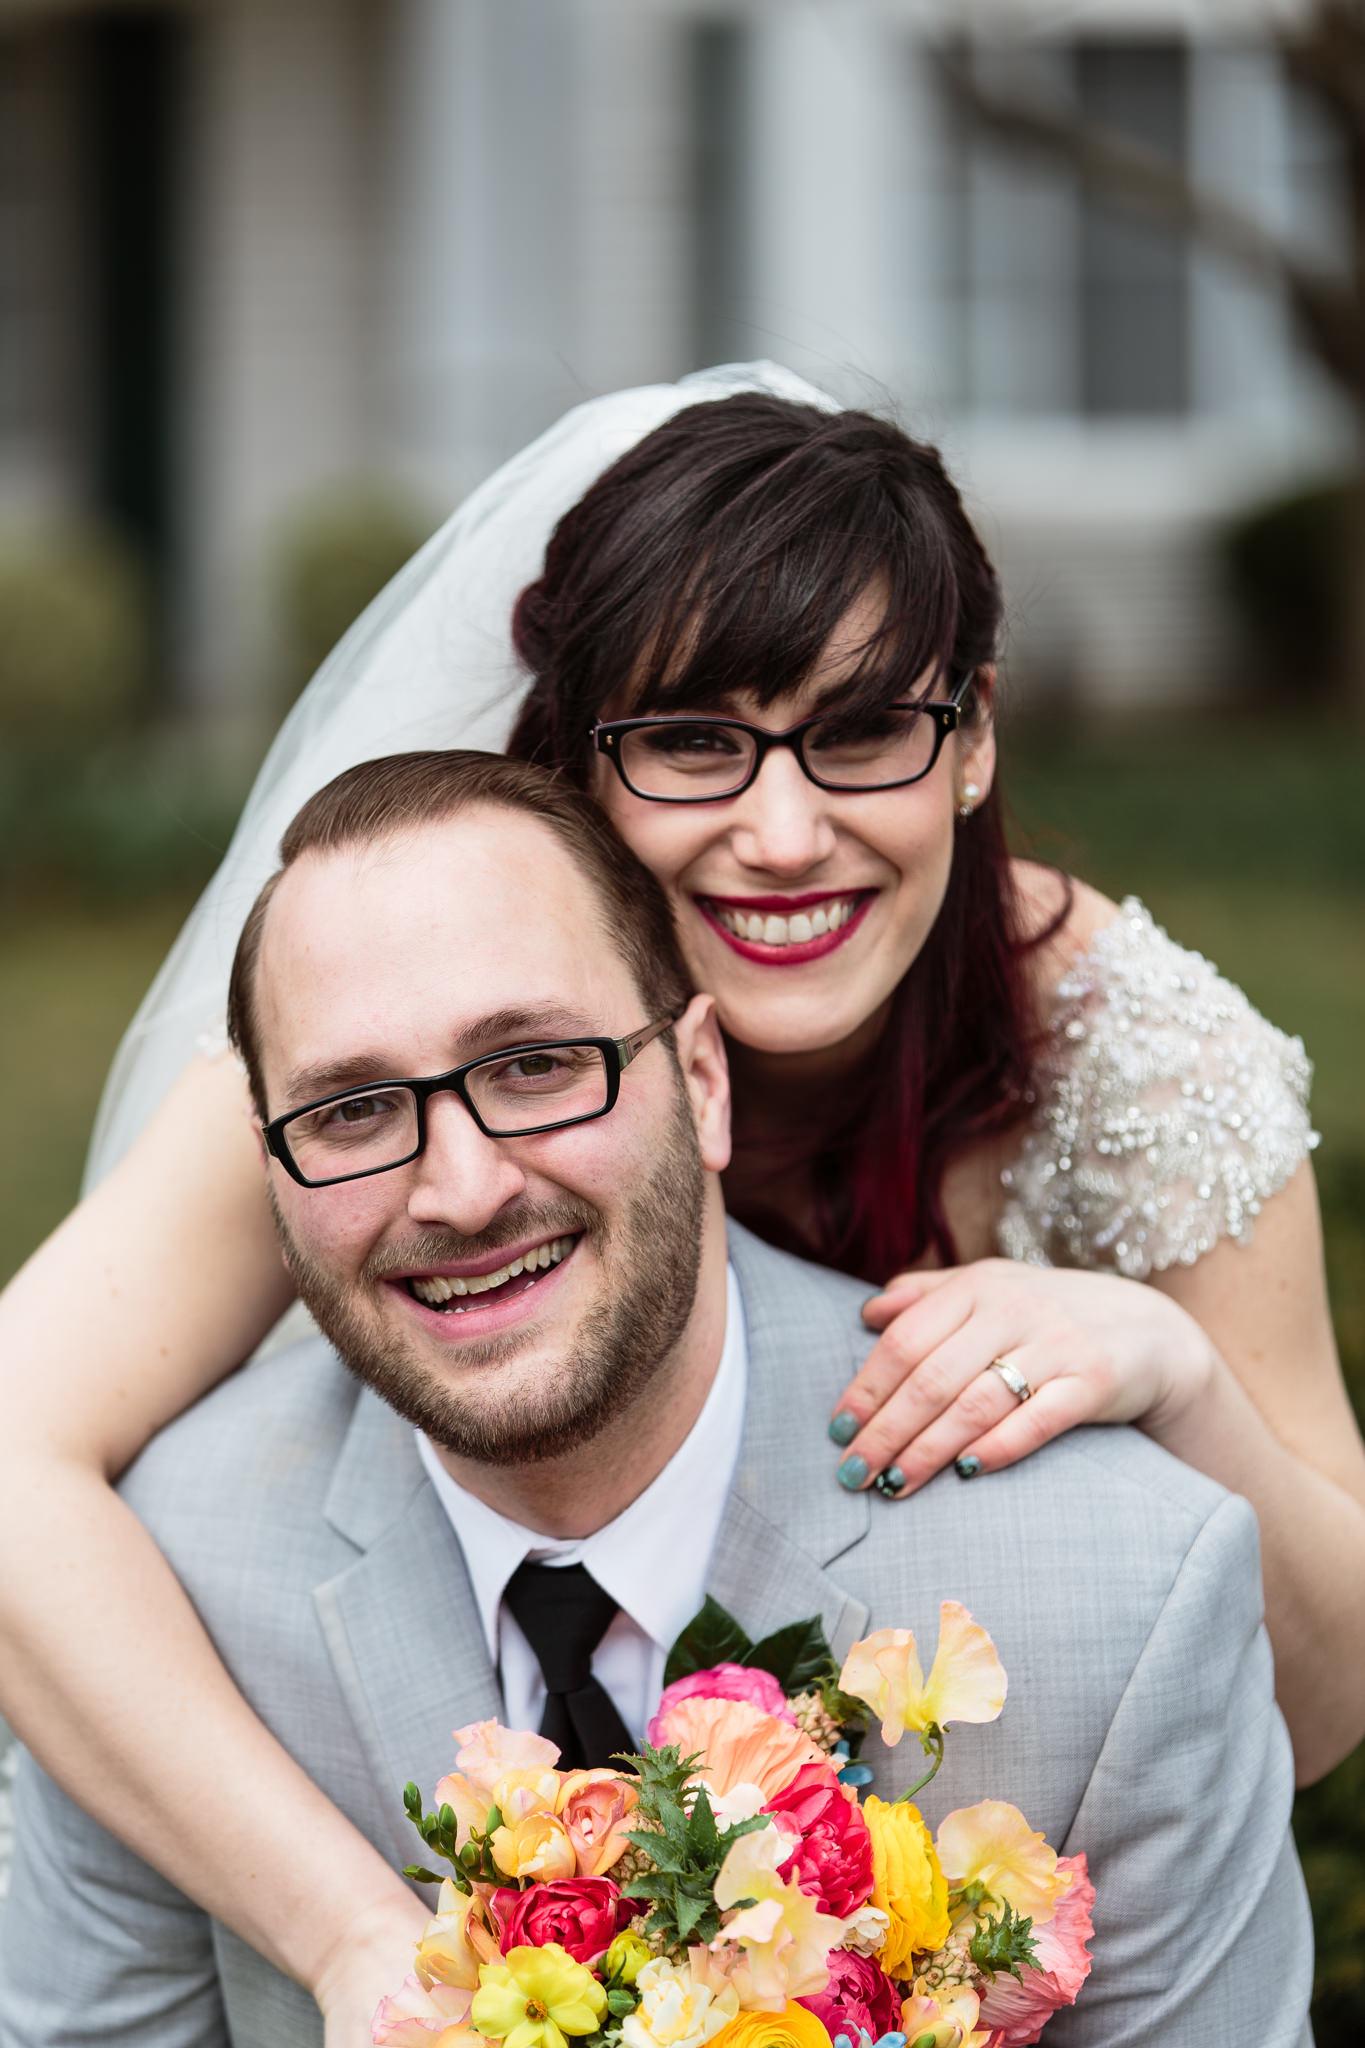 Hanchar_Madison_Hotel_NJ_Wedding_GDM_7775.jpg